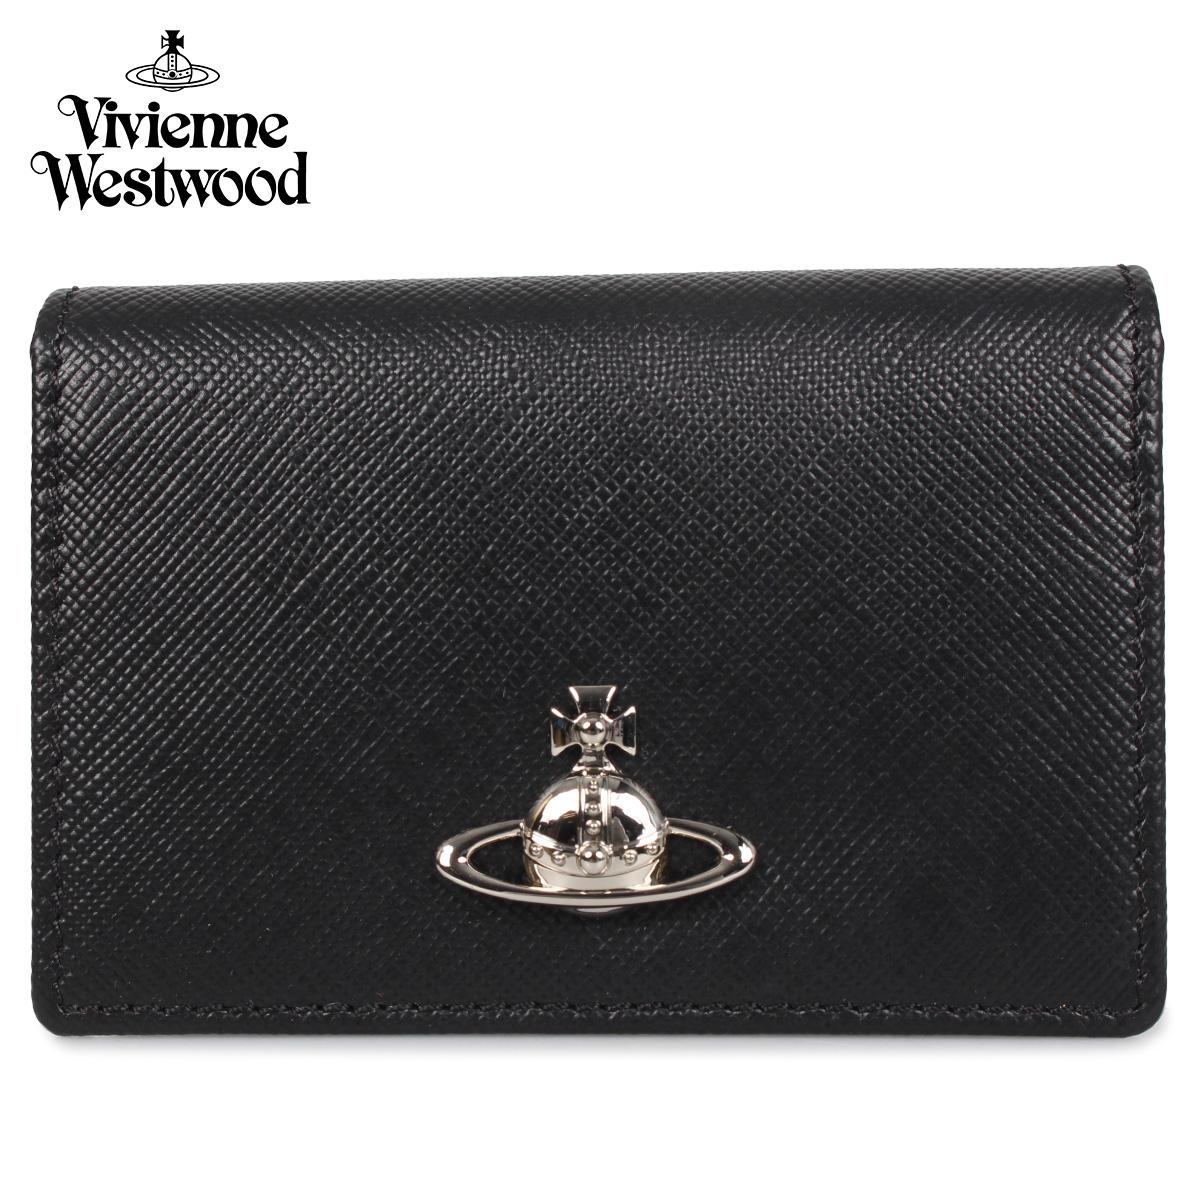 【送料無料】 【あす楽対応】 ヴィヴィアンウエストウッド Vivienne Westwood BALMORAL CARD HOLDER パスケース カードケース ID 定期入れ Vivienne Westwood ヴィヴィアンウエストウッド パスケース カードケース ID 定期入れ メンズ レディース BALMORAL CARD HOLDER ブラック 黒 51110015 [3/12 新入荷]